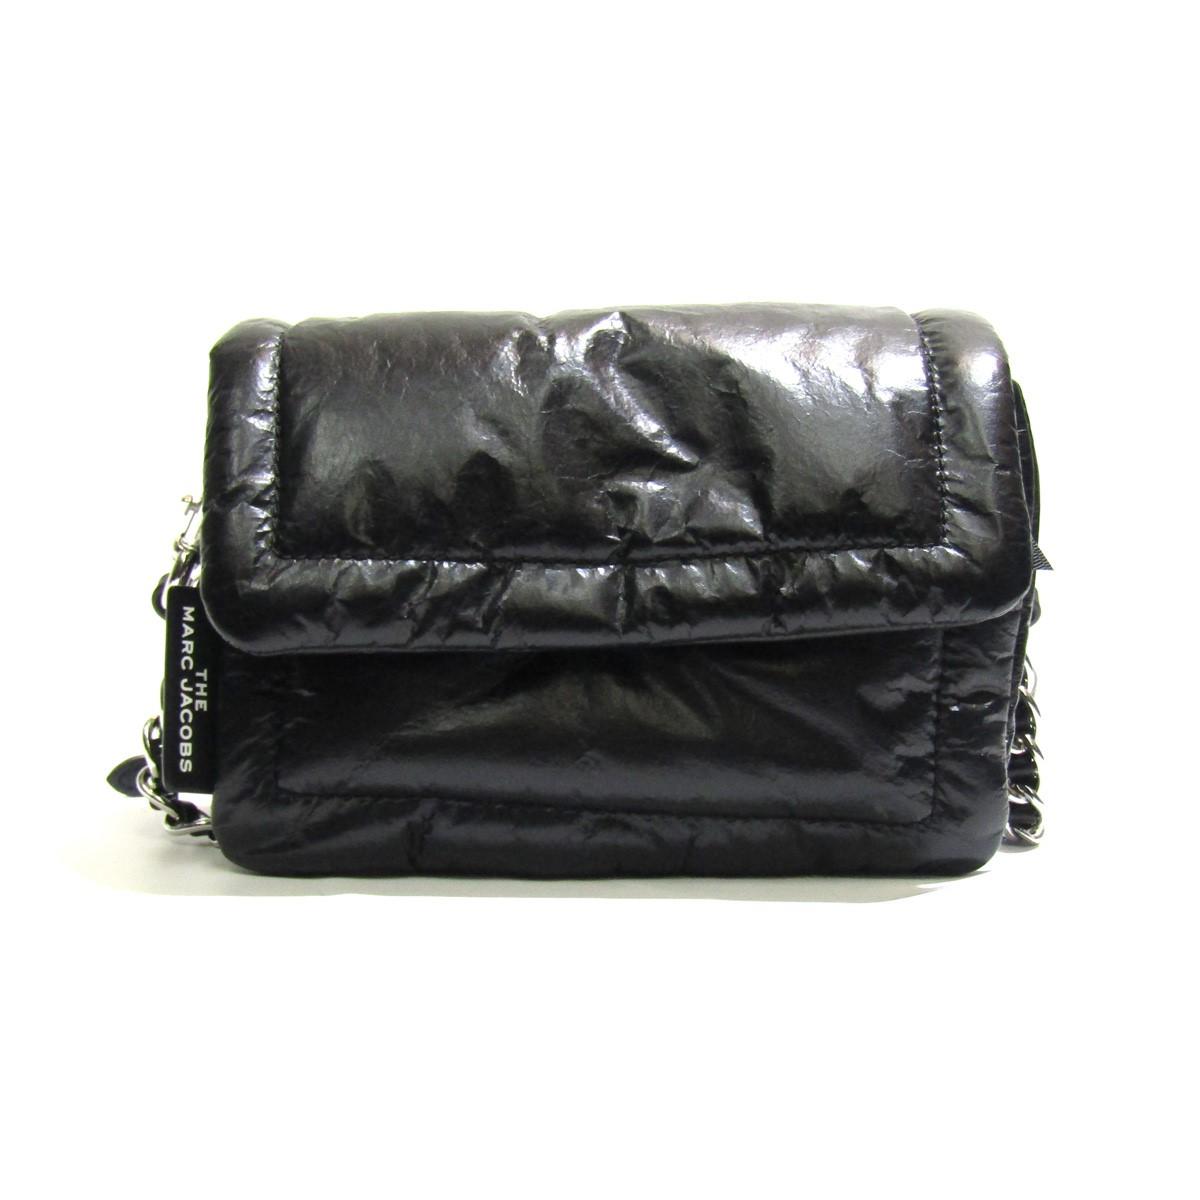 【中古】MARC JACOBS 2020SS The Pillow Bag Mini Pillow Bag/ショルダーバッグ ブラック サイズ:- 【250320】(マークジェイコブス)